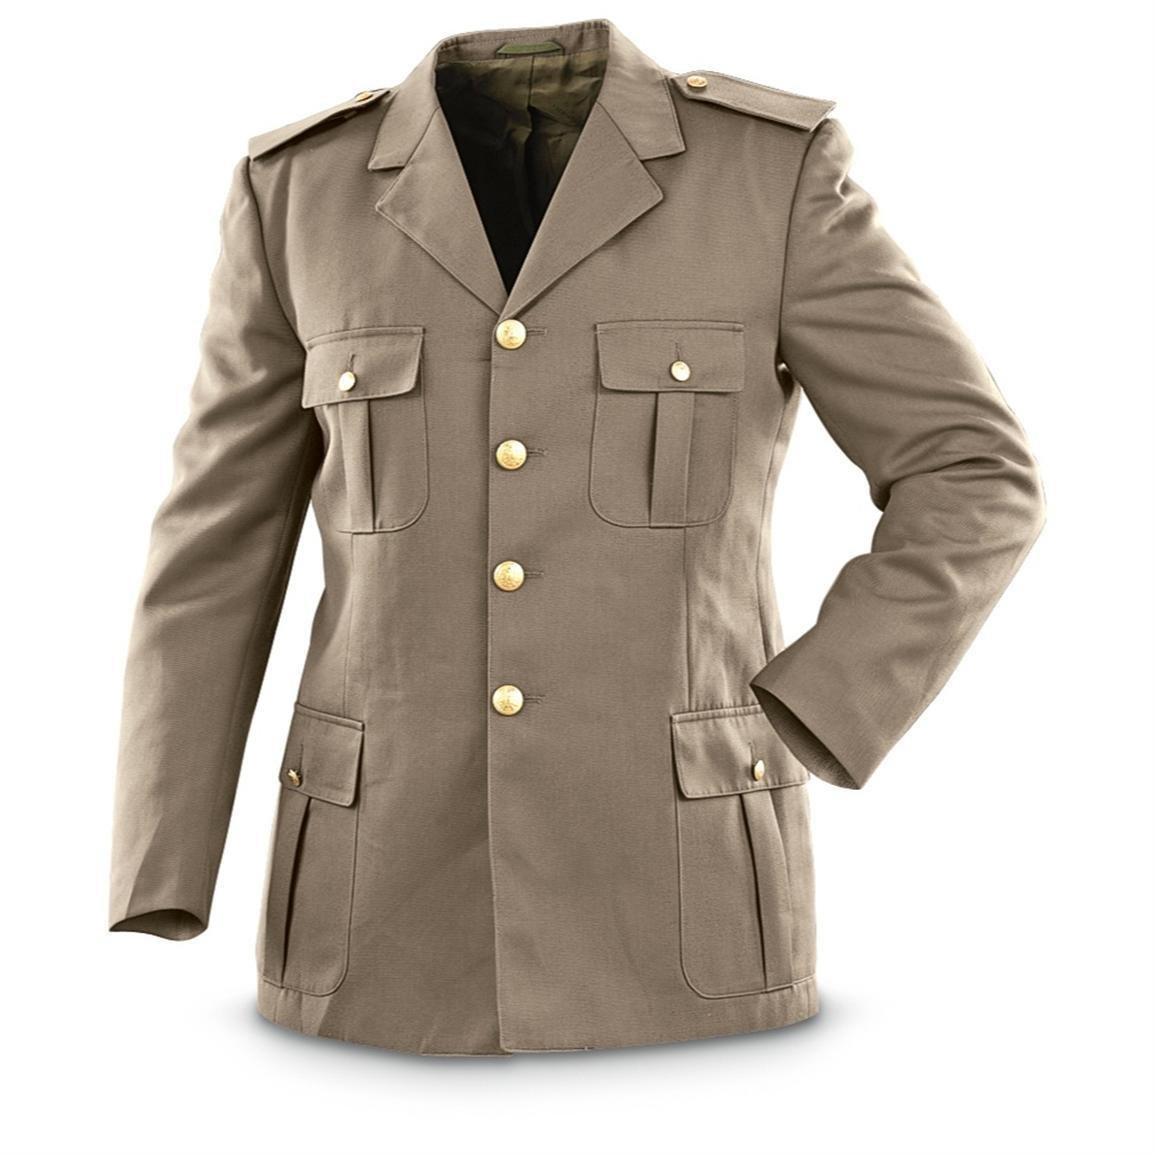 Italian Army New Genuine Dress Uniform Jacket